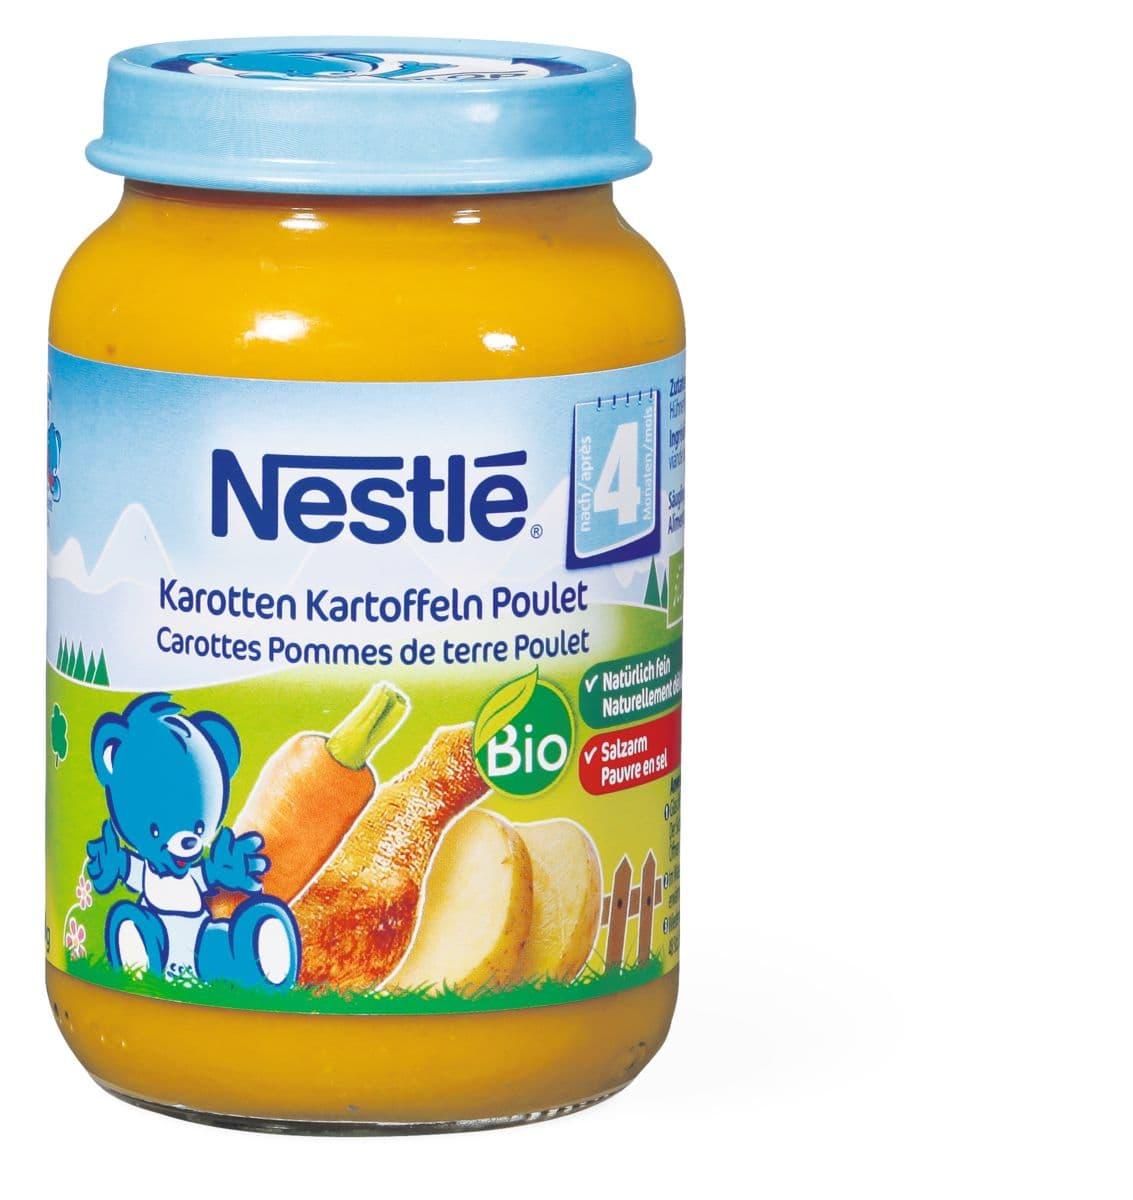 Bio Nestlé carottes pommes de terres poulet